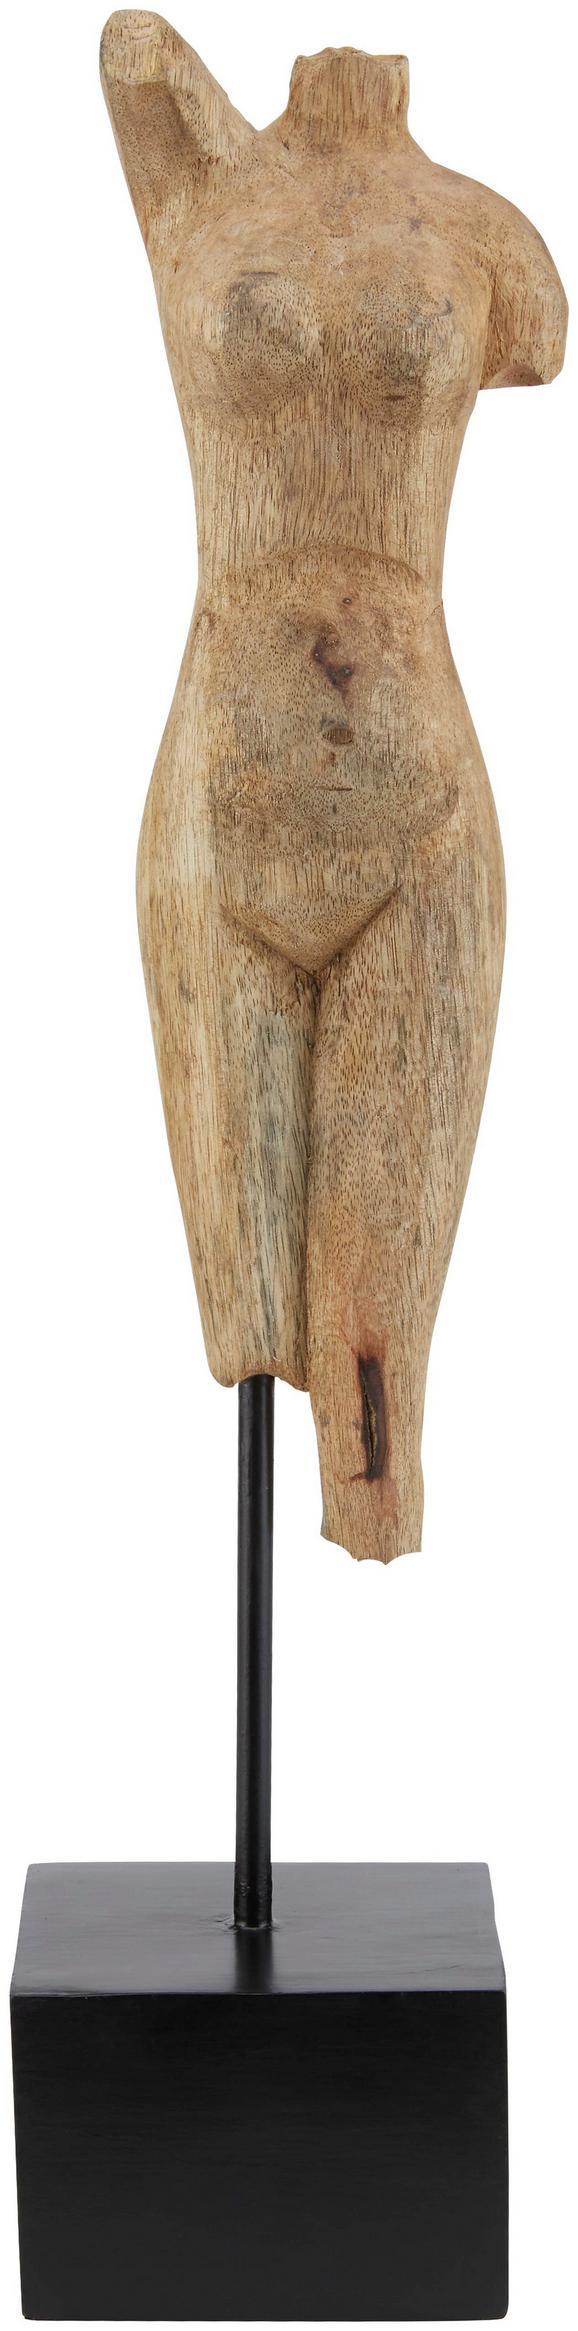 Skulptur Asha in Natur/Schwarz - Schwarz/Naturfarben, ROMANTIK / LANDHAUS, Holz/Metall (10,5/50/9cm) - Mömax modern living